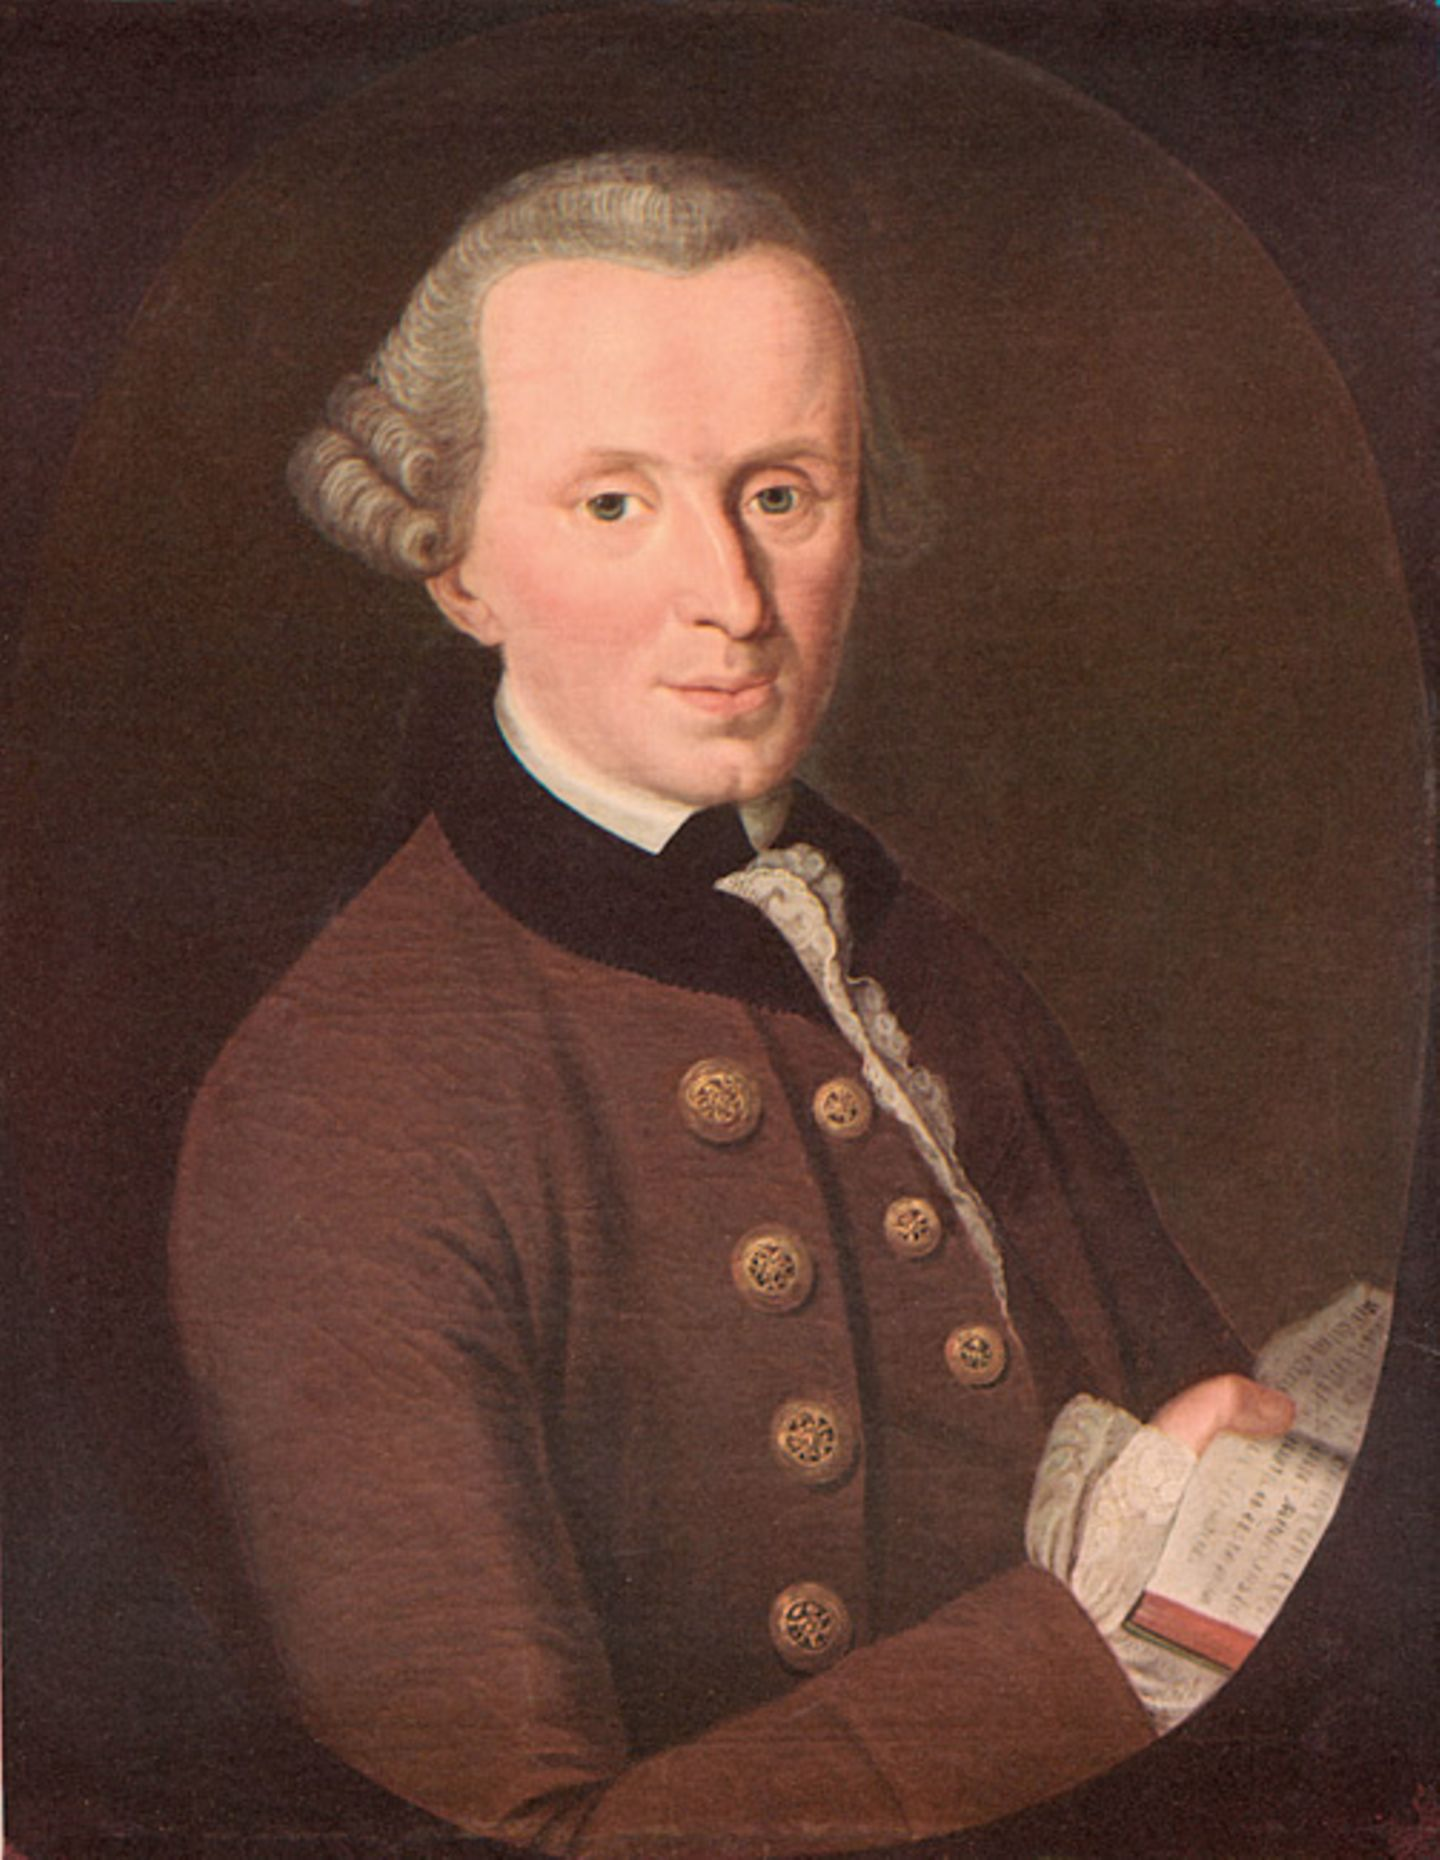 Weltveränderer: Immanuel Kant ist der Begründer der Aufklärung, einem philosophischen Zeitalter